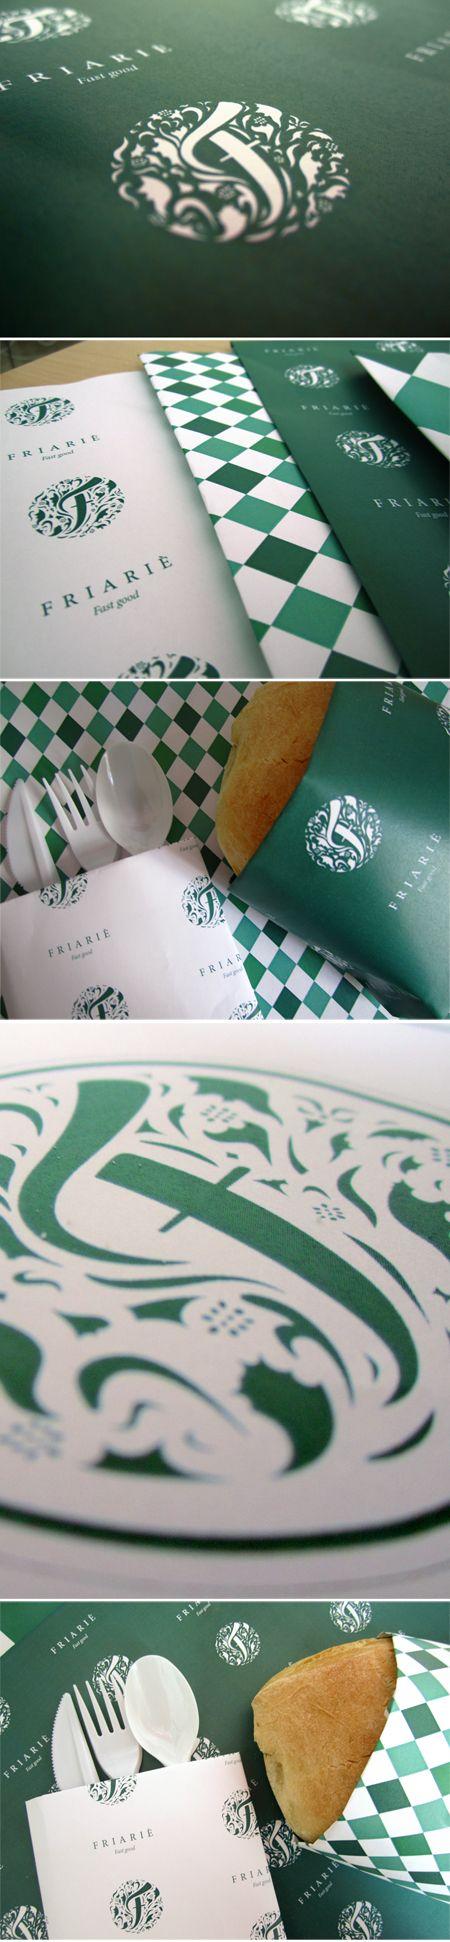 © Giuliano Rusciano #packaging #branding #marketing PD